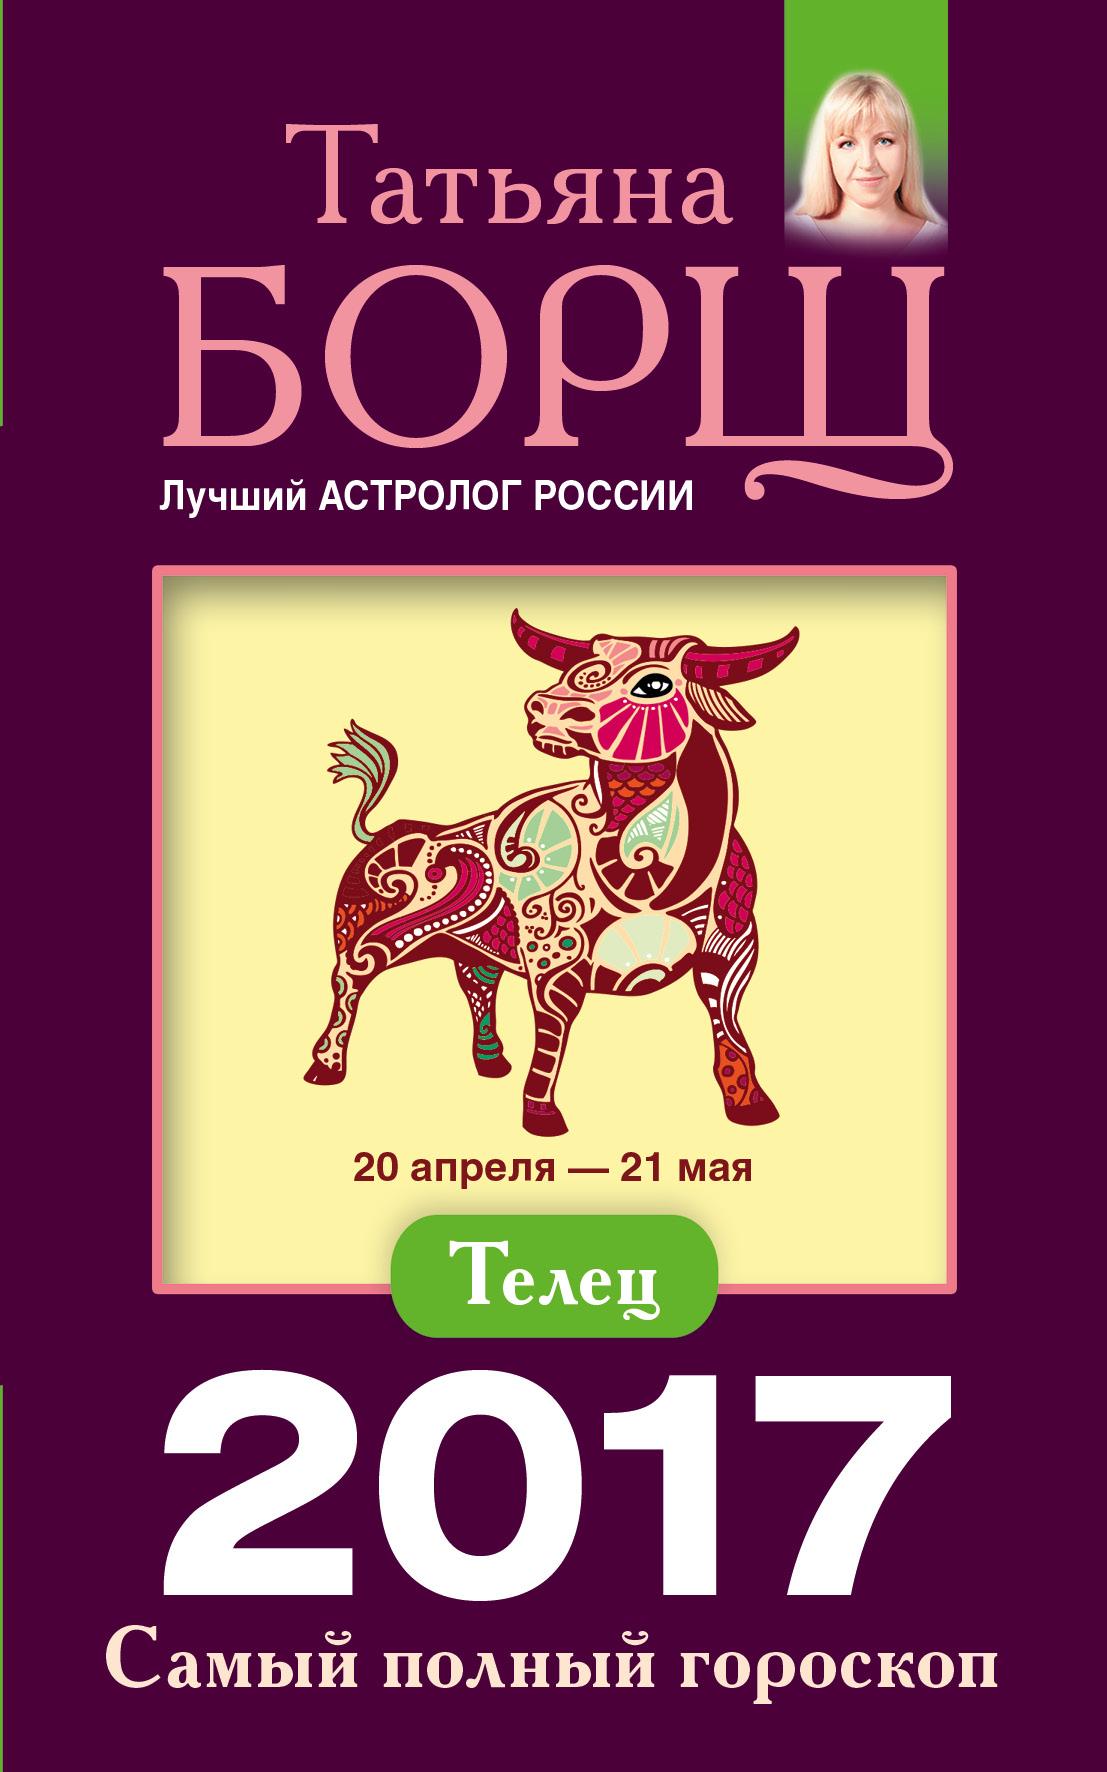 Татьяна Борщ Телец. Самый полный гороскоп на 2017 год стоимость